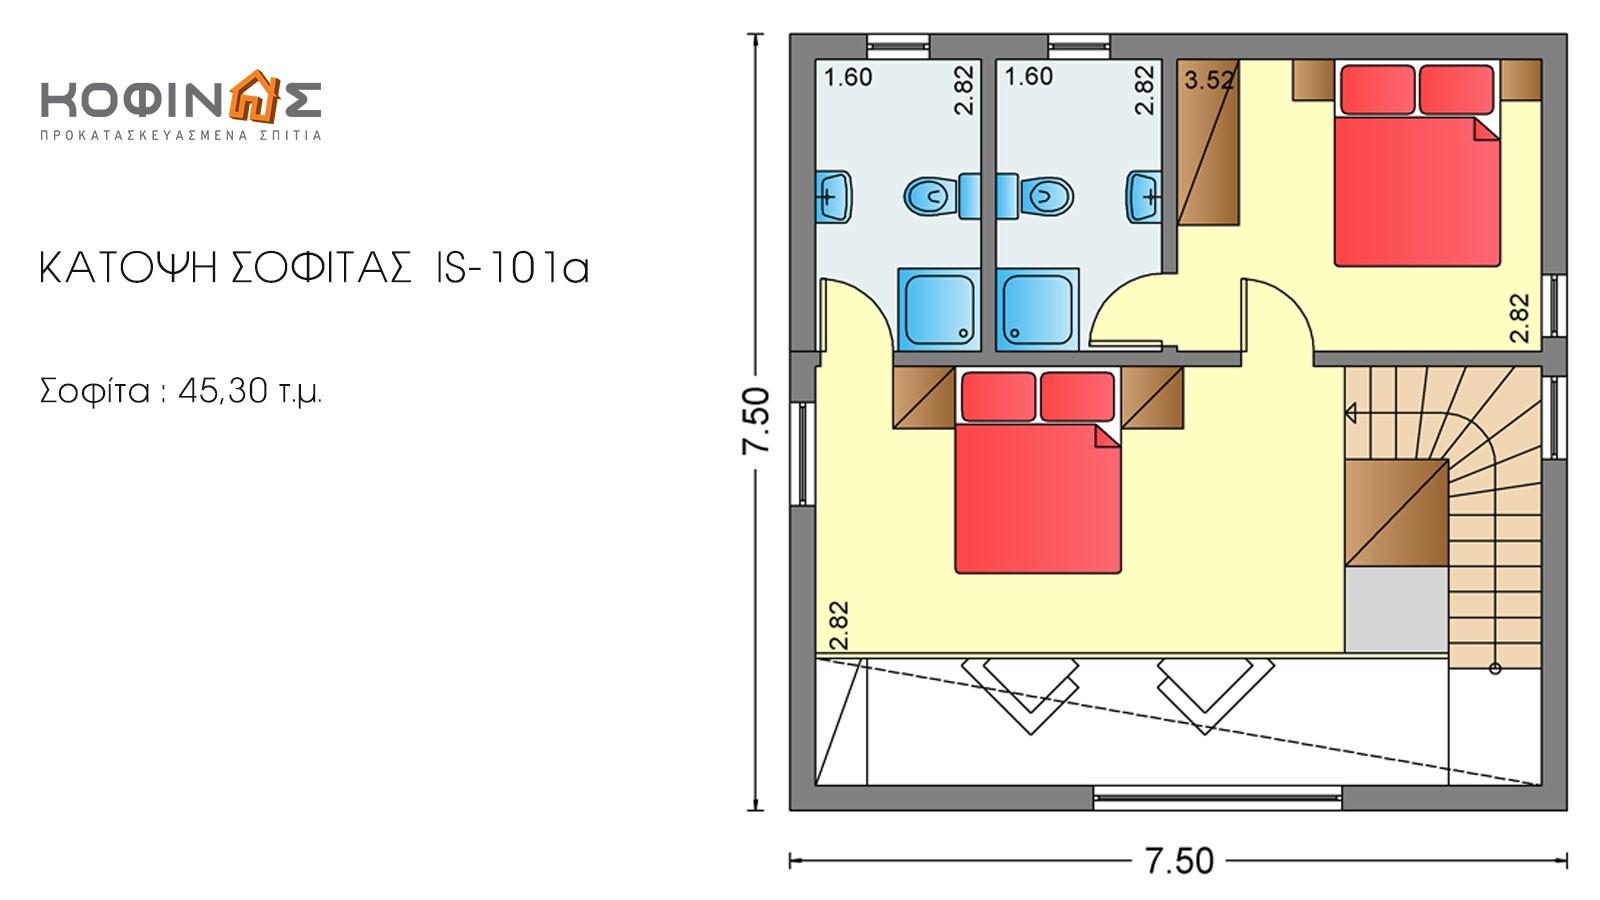 Ισόγεια Κατοικία με Σοφίτα IS-101a, συνολικής επιφάνειας 101,60 τ.μ.